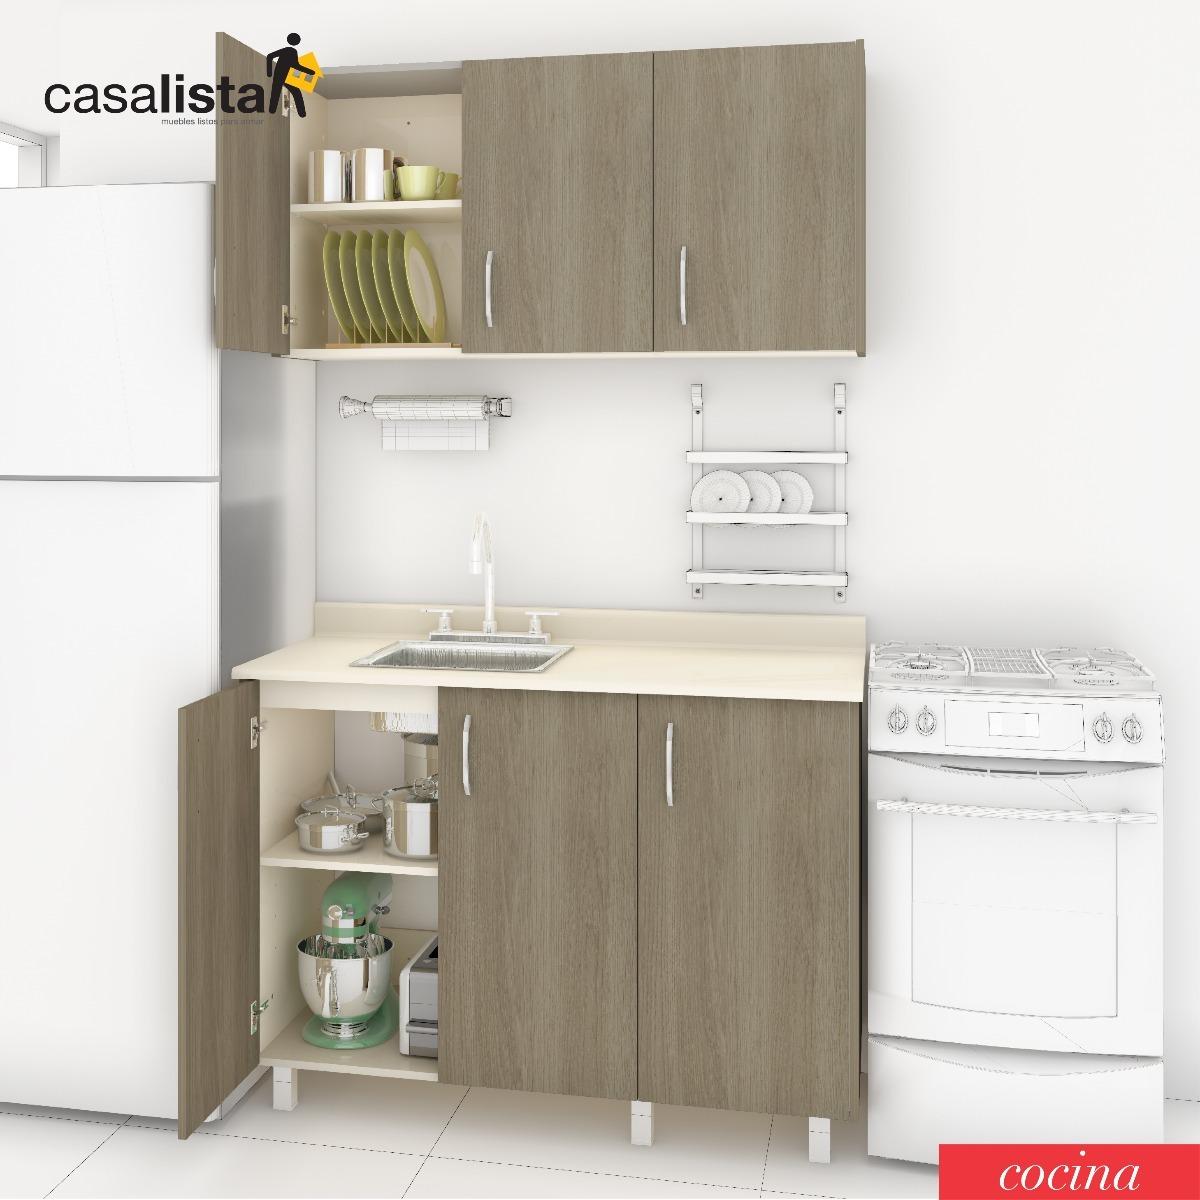 Cocina Modular 1,20 Mts Casalista® Cocina - Bs. 195.700.000,00 en ...